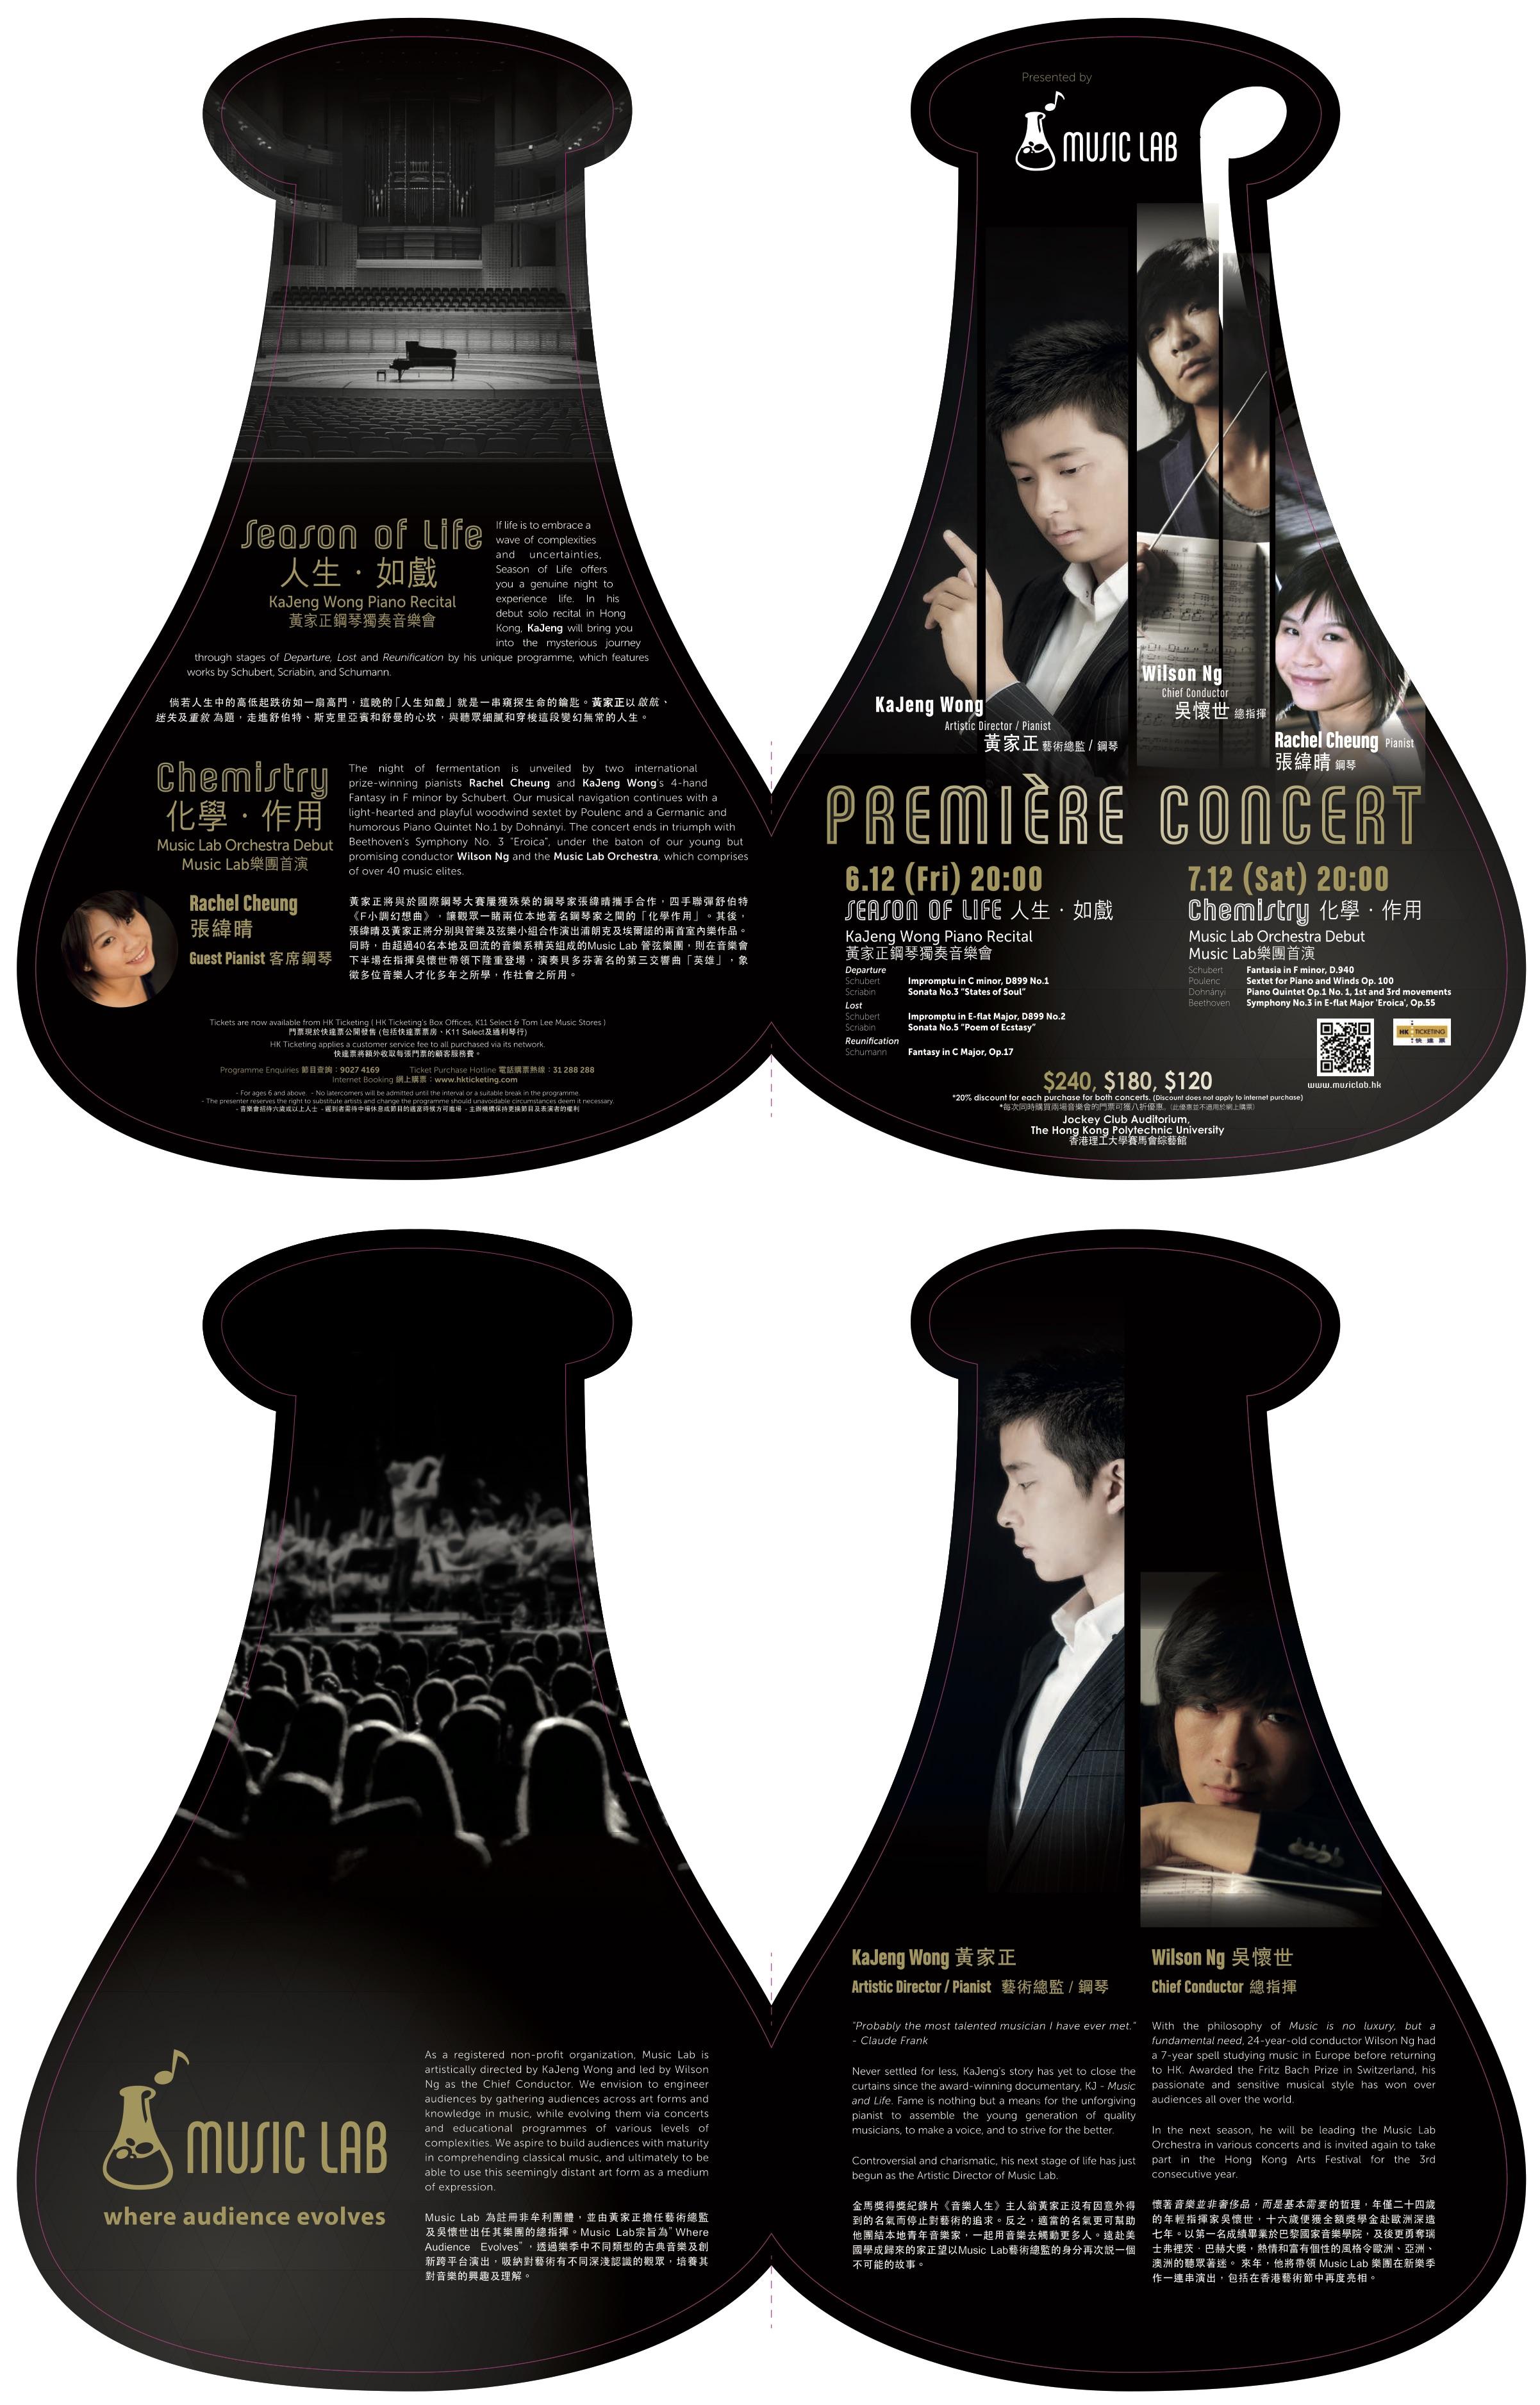 首演音樂會 - 黃家正將以啟航、迷失及重聚為題,演出舒伯特、斯克里亞賓及舒曼五首作品,以音樂讓聽眾感受變幻莫測的人生。Music Lab 管弦樂團亦將吳懷世帶領下隆重登場,演譯貝多芬的第三交響曲「英雄」。「人生 • 如戲」黃家正鋼琴獨奏音樂會2013 年 12 月 6 日節目啟航C小調第一即興曲 D899 — 舒伯特第三奏鳴曲 「心靈狀態」— 斯克里亞賓迷失降E大調第二即興曲 D899 — 舒伯特第五奏鳴曲 「迷魂藥的詩」— 斯克里亞賓重聚C大調幻想曲作品17 — 舒曼「化學 • 作用」Music Lab樂團首演2013 年 12 月 7 日節目F小調幻想曲 D.940 – 舒伯特鋼琴與管樂六重奏,作品100 – 浦朗克第一鋼琴五重奏作品1,第一及第三樂章 – 埃爾諾降E大調第三交響曲「英雄」作品55 – 貝多芬